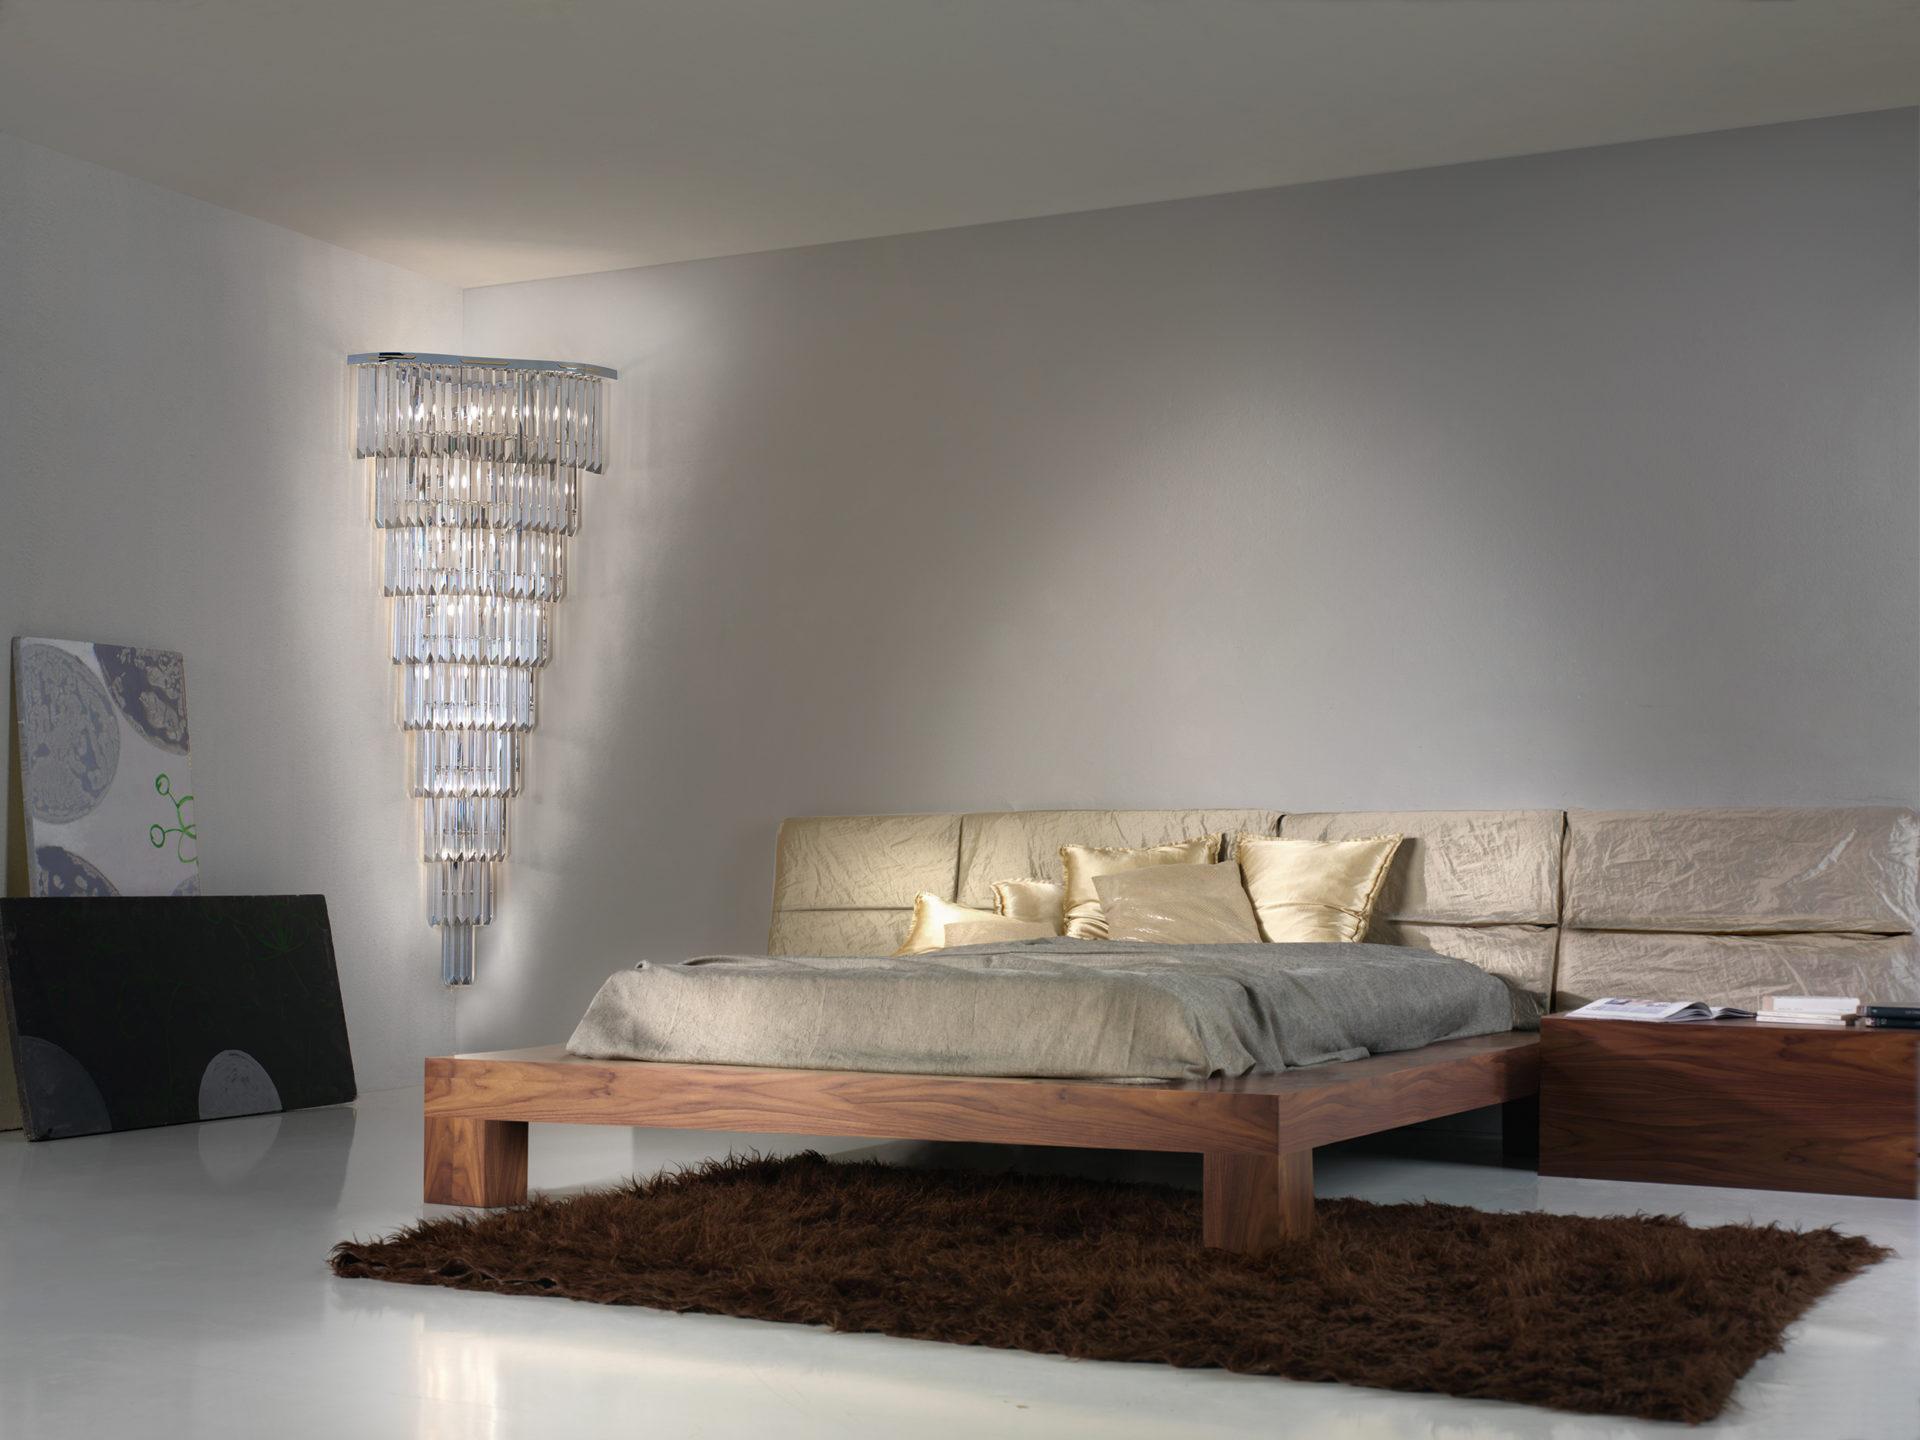 APPLIQUE con triedri in cristallo o triedri e quadriedri in vetro di Murano, disponbili in molti colori, montatura in cromo lucido o oro 24 carati: Cristalli 5074/APP